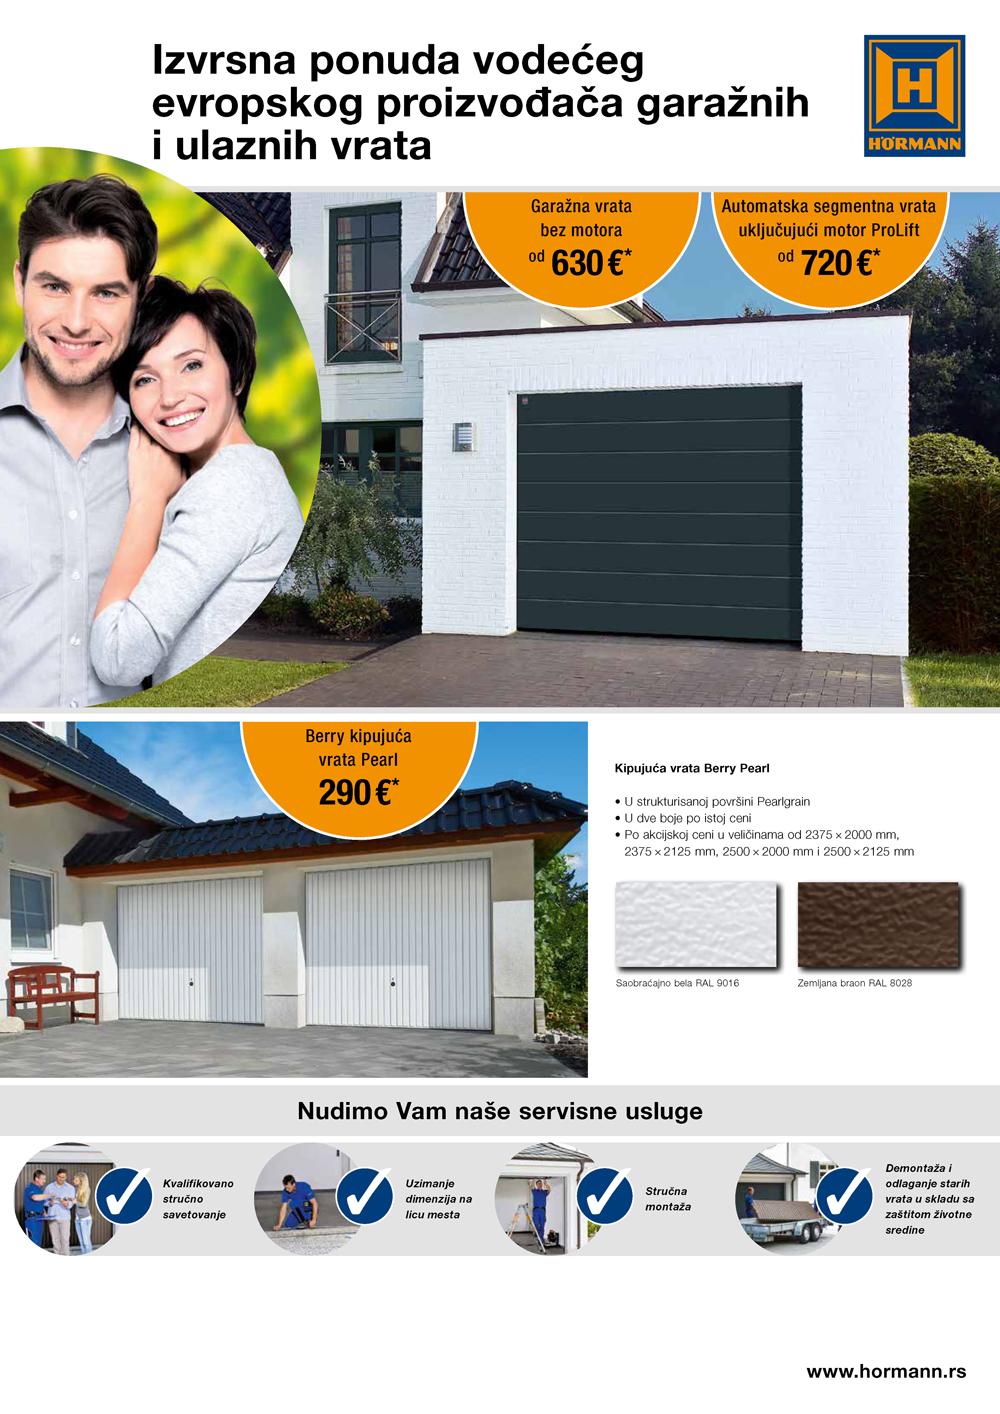 Kvalitetna Hörmann garažna i ulazna vrata po akcijskim cenama